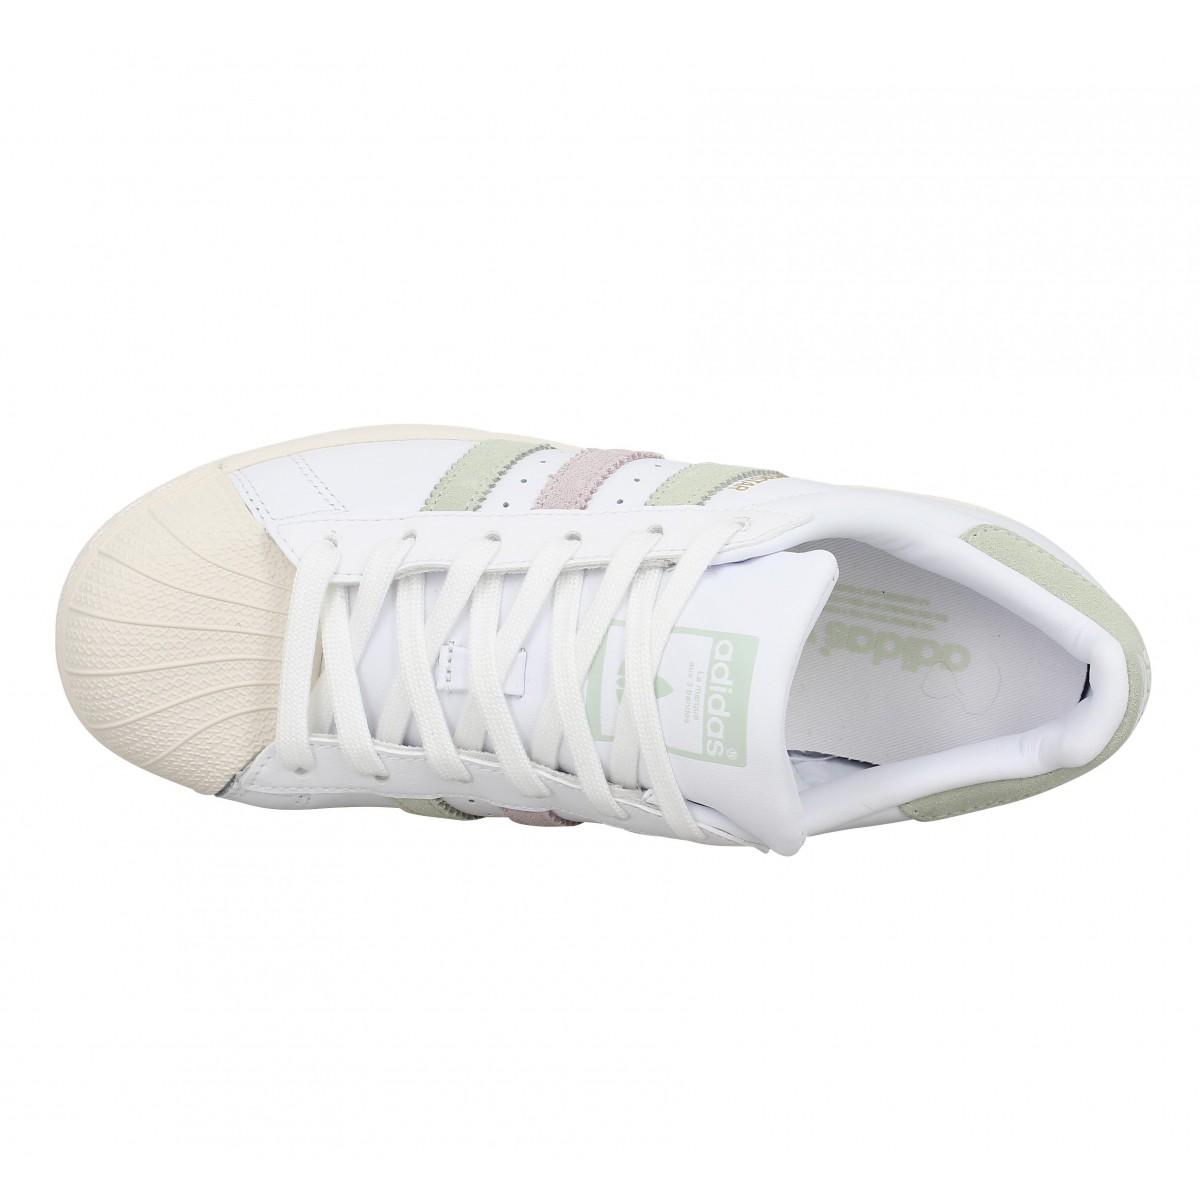 27cefd21080b6 Adidas superstar cuir blanc vert femme   Fanny chaussures